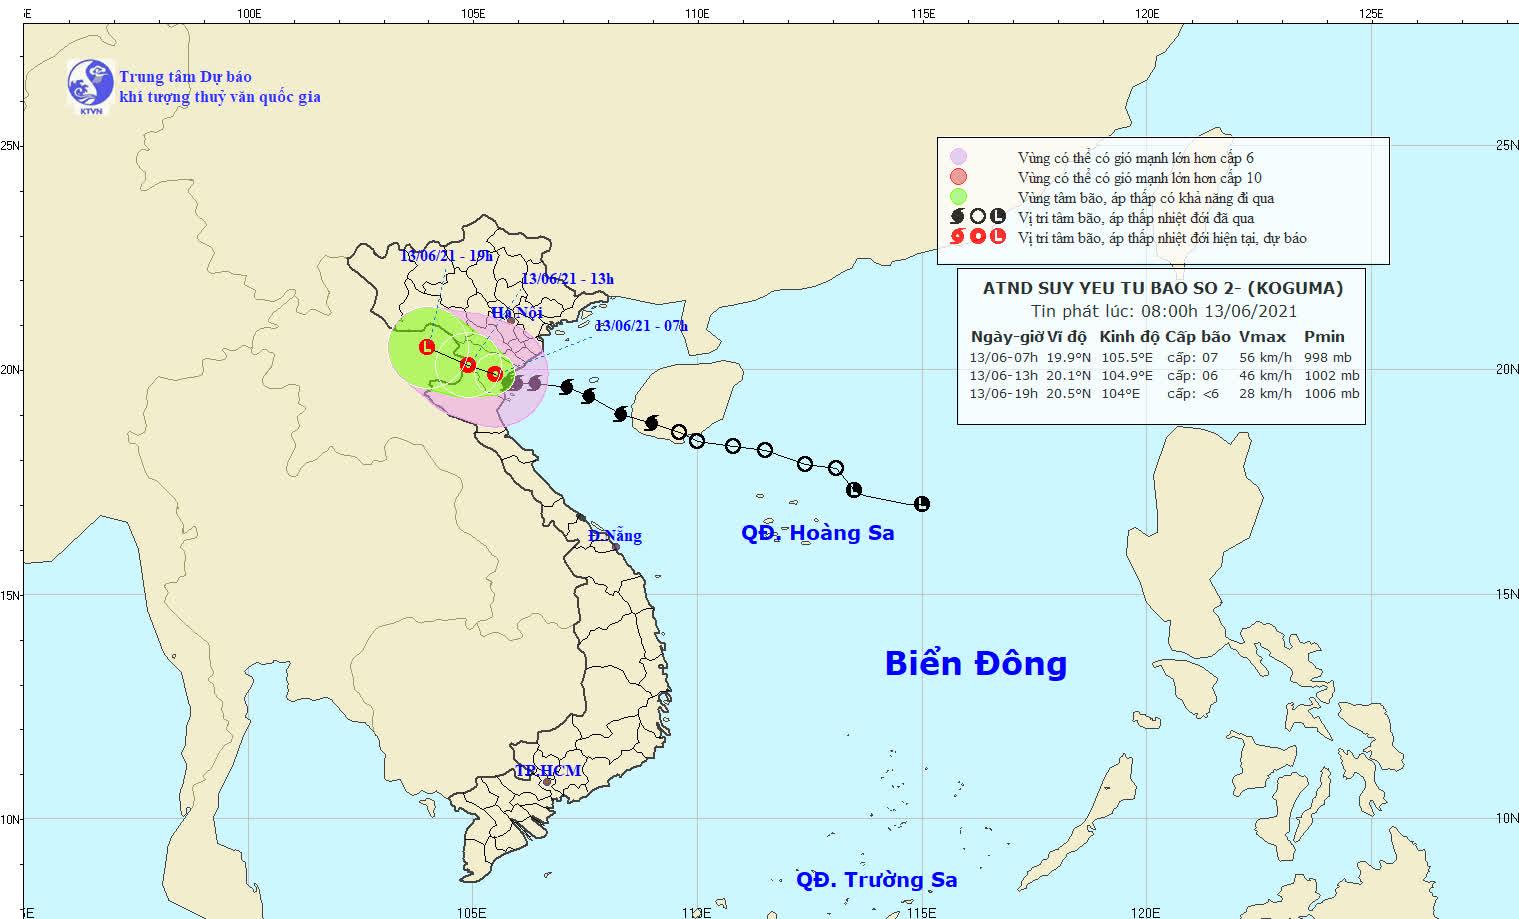 Bão số 2 suy yếu thành áp thấp nhiệt đới, Hà Nội mưa như trút - Ảnh 1.